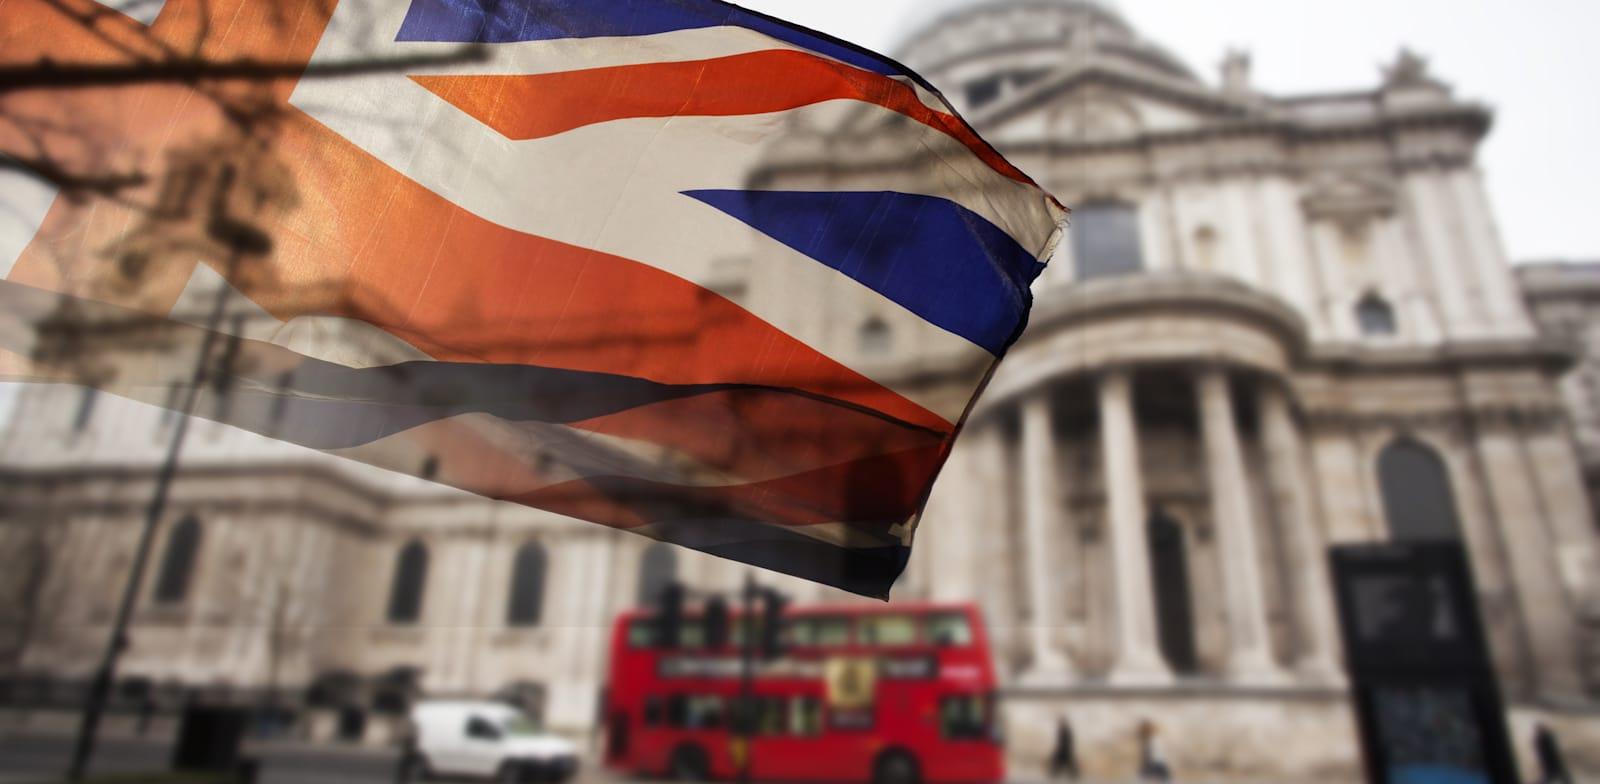 הבורסה בלונדון, אנגליה / צילום: Shutterstock